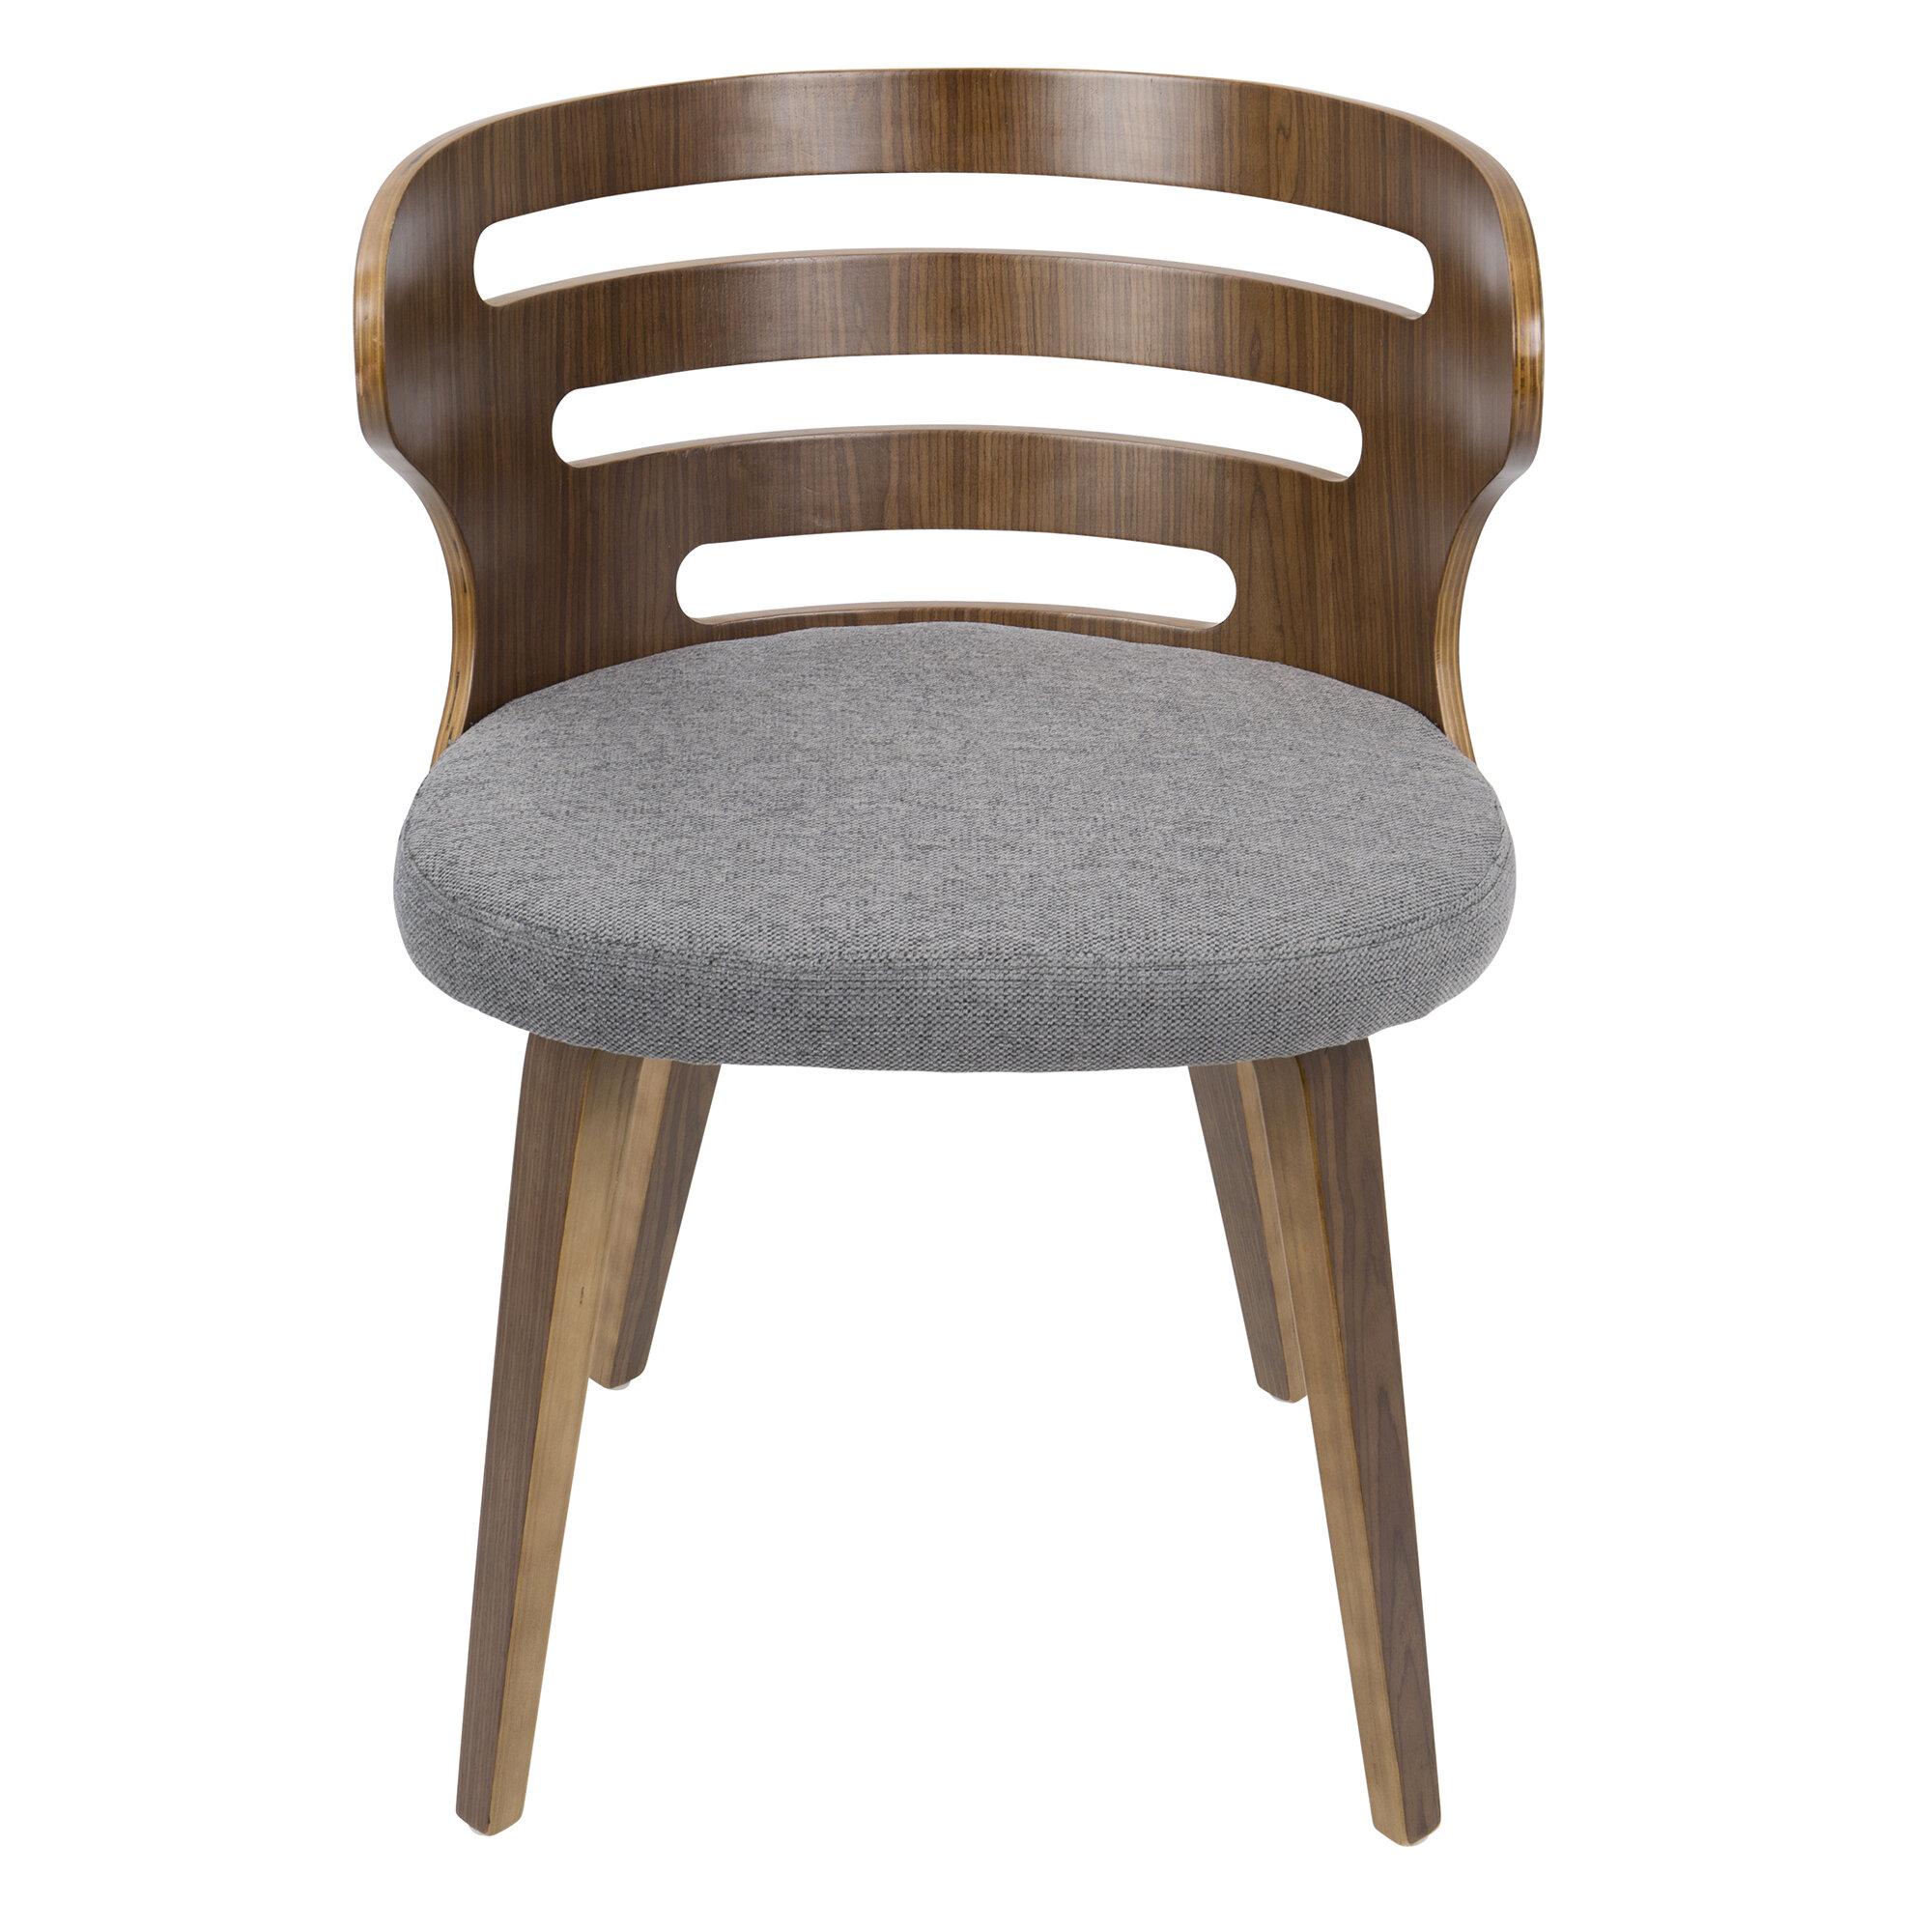 Gentil Wade Logan Baehr Mid Century Modern Upholstered Dining Chair U0026 Reviews |  Wayfair